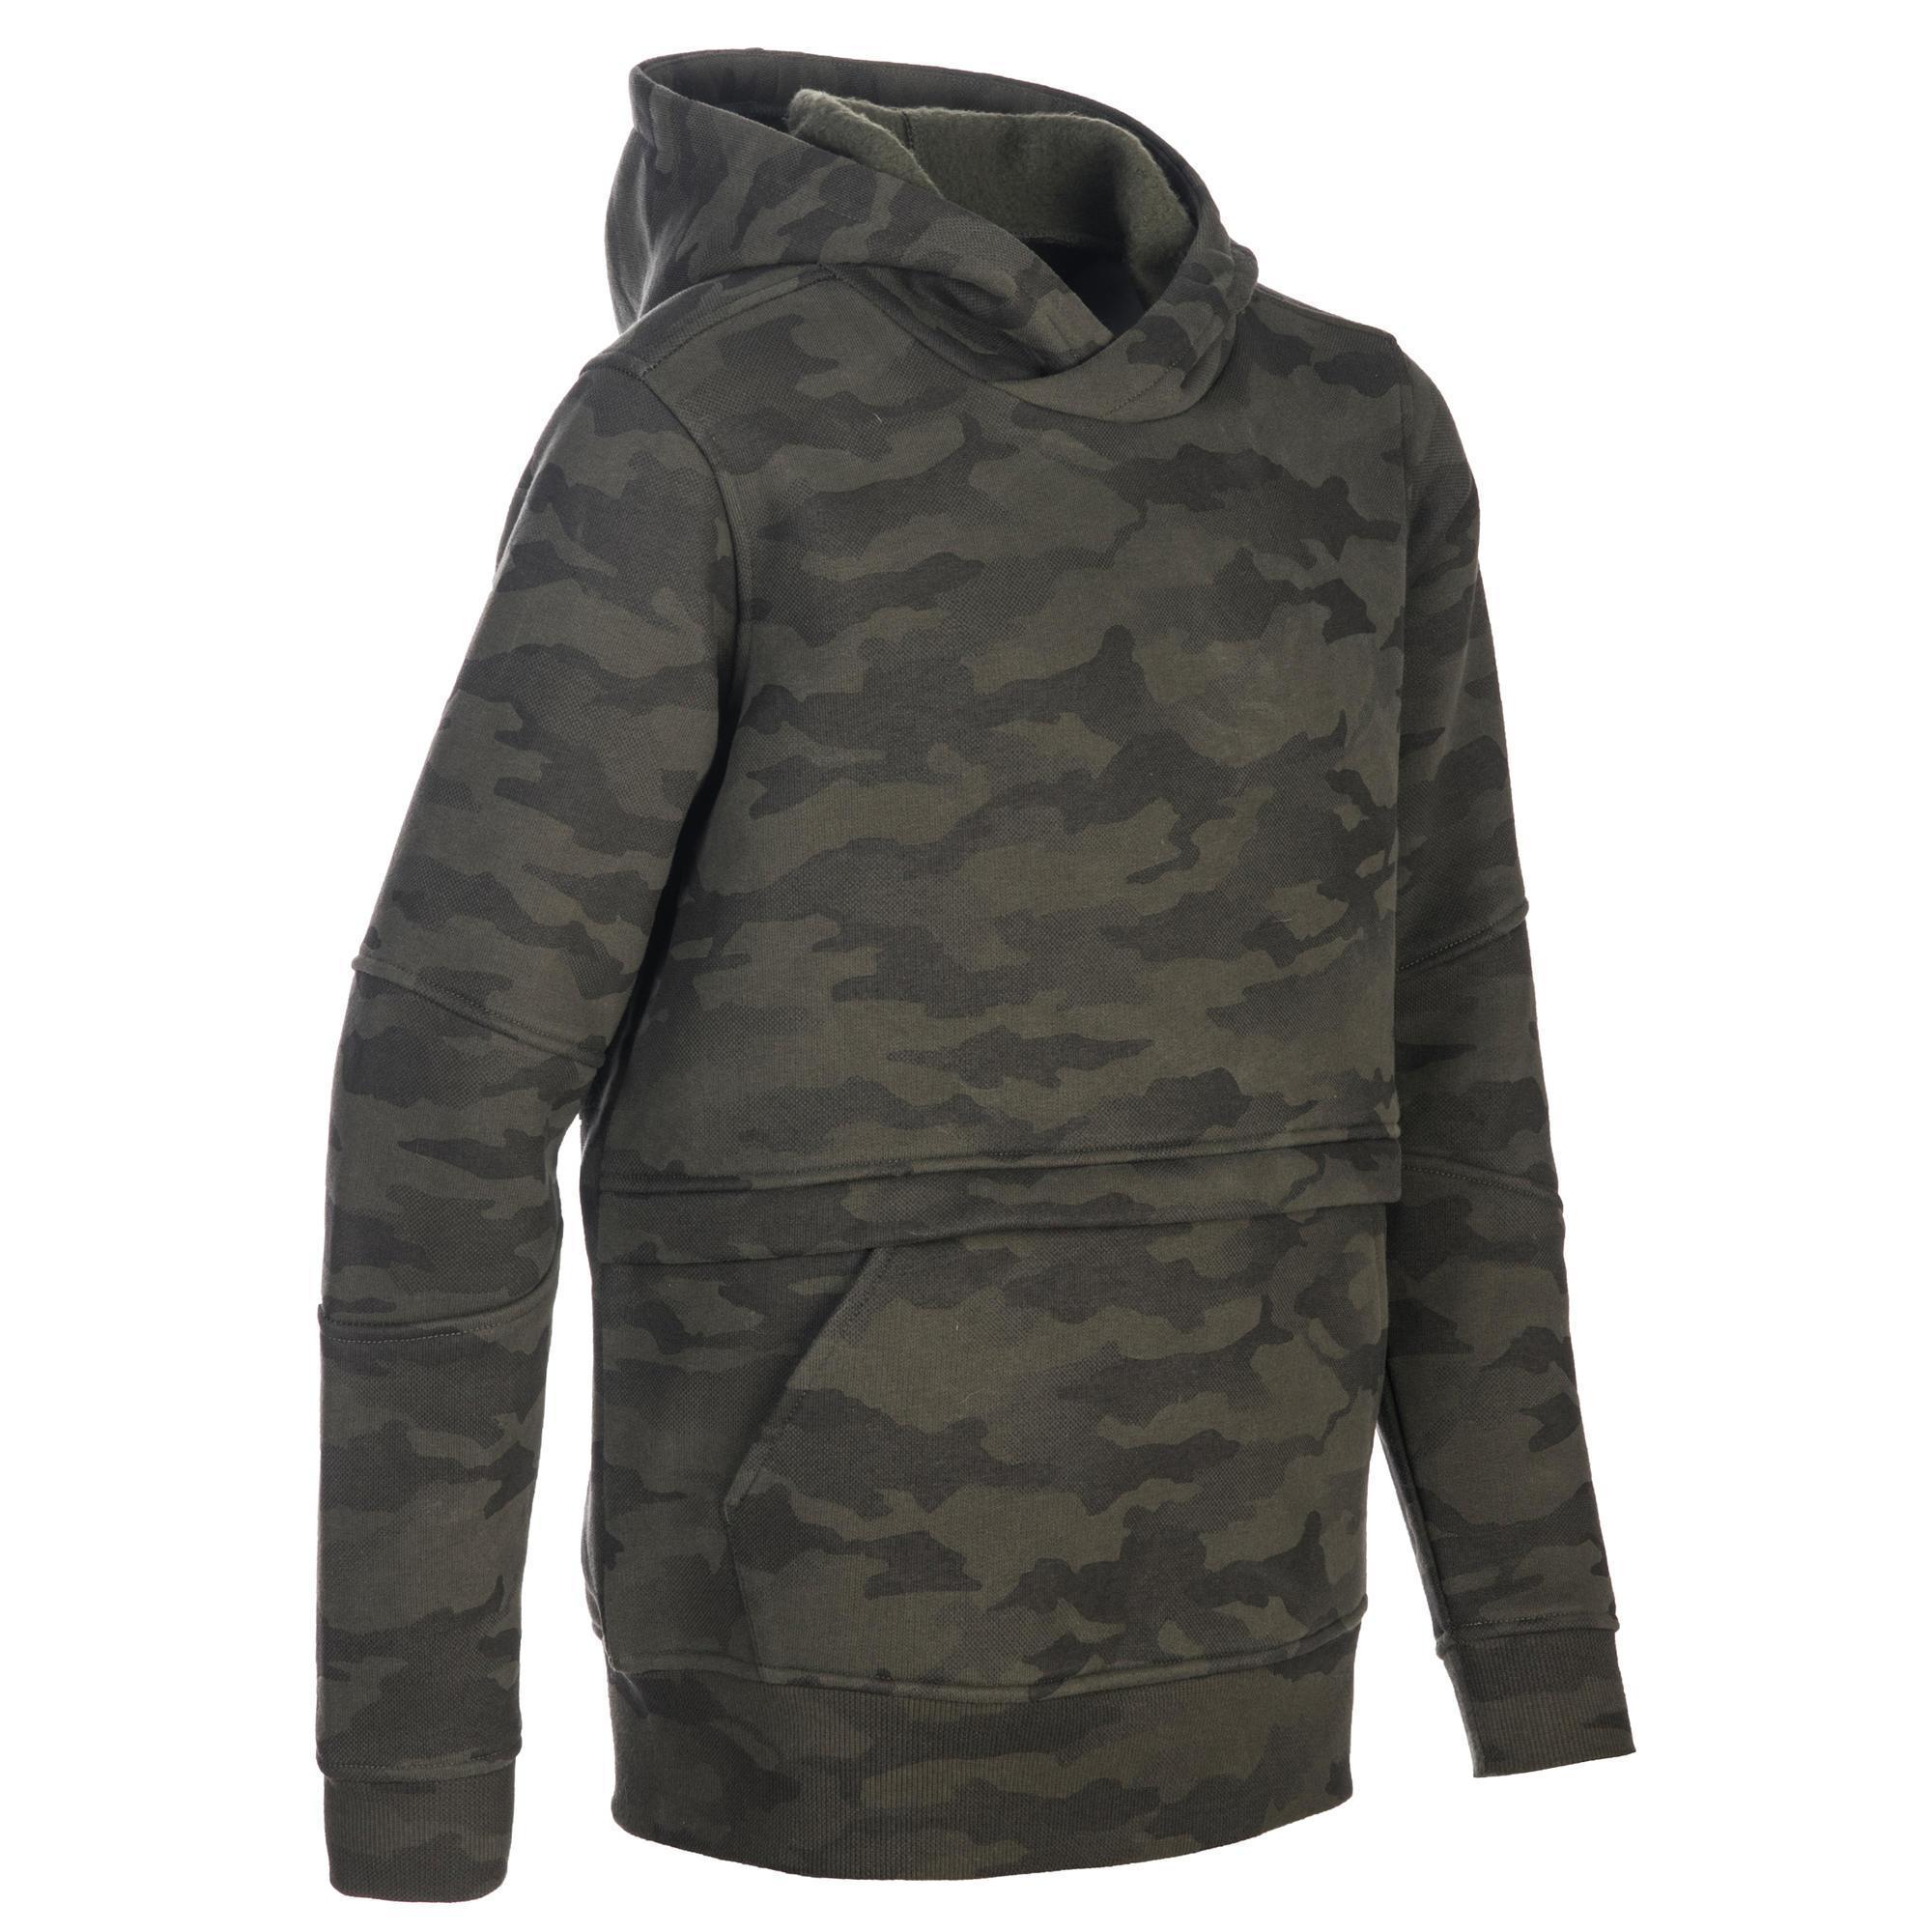 Solognac Kindersweater voor de jacht SG500 camouflage